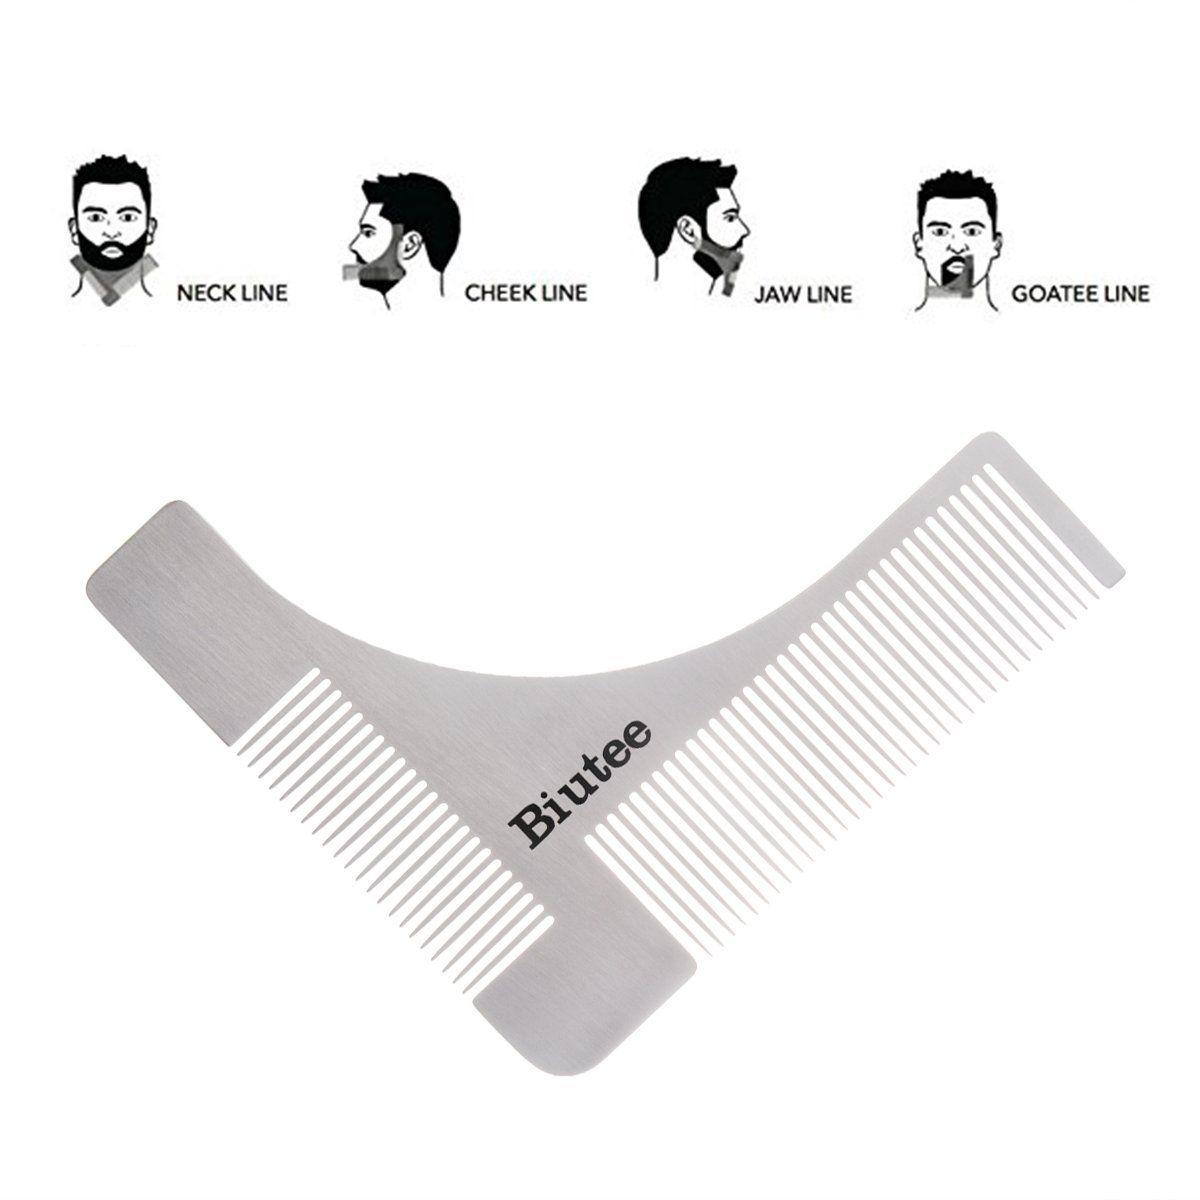 Biutee Rasier Schablone Fur Die Perfekt Bartform Rasur Der Bartlinie Bart Styling Vorlage Barttrimmer Schablone Rasurvorlage Bartformen Bart Trimmen Bartlinie